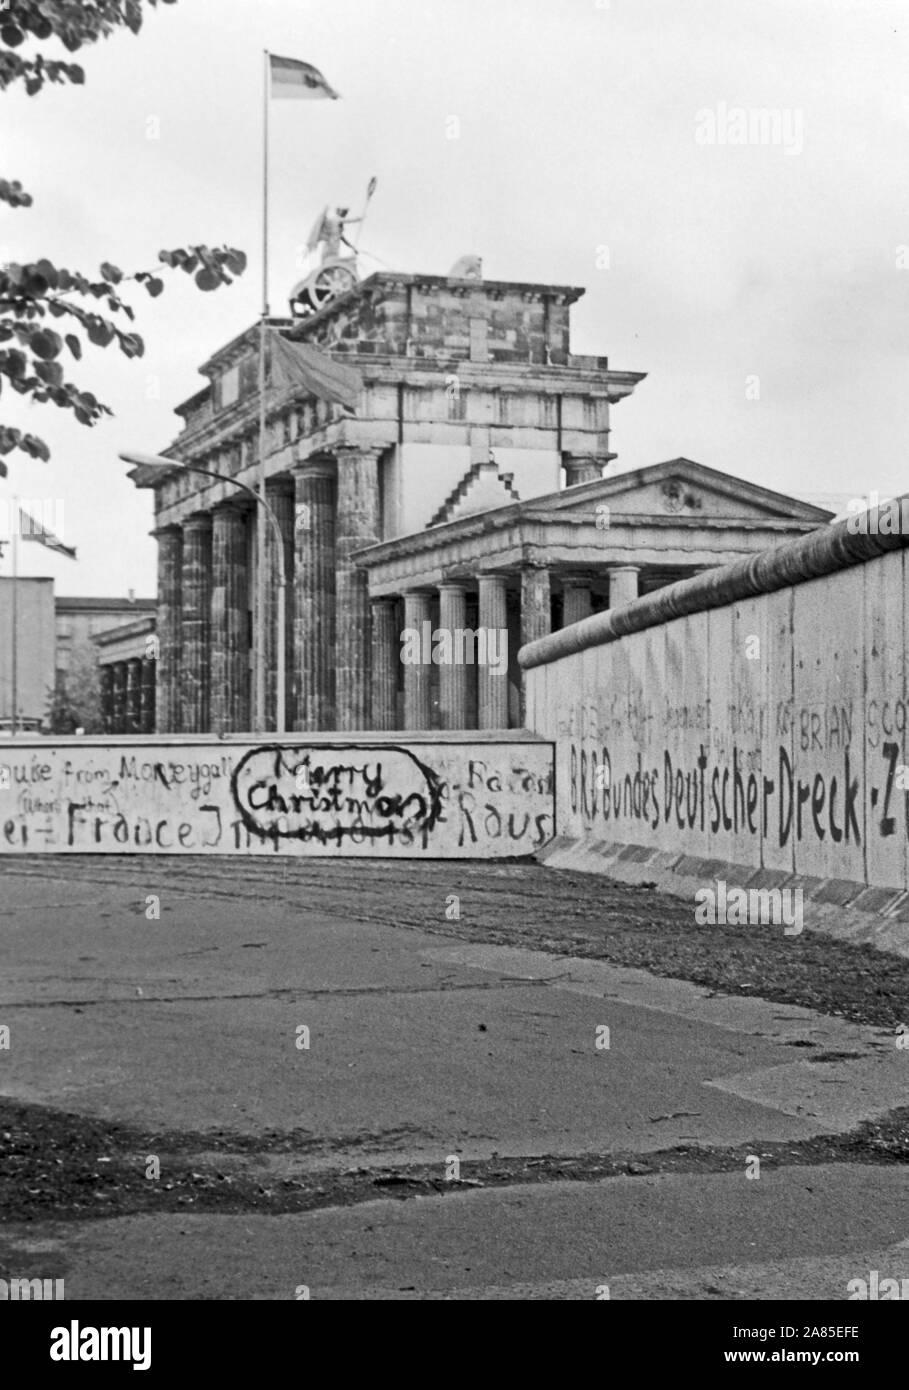 Weihnachtswünsche aufgesprüht auf die Mauer in Berlin am Brandenburger Tor, Deutschland 1984. Season's greetings sprayed on the Berlin wall near Brandenburg gate, Germany 1984. Stock Photo